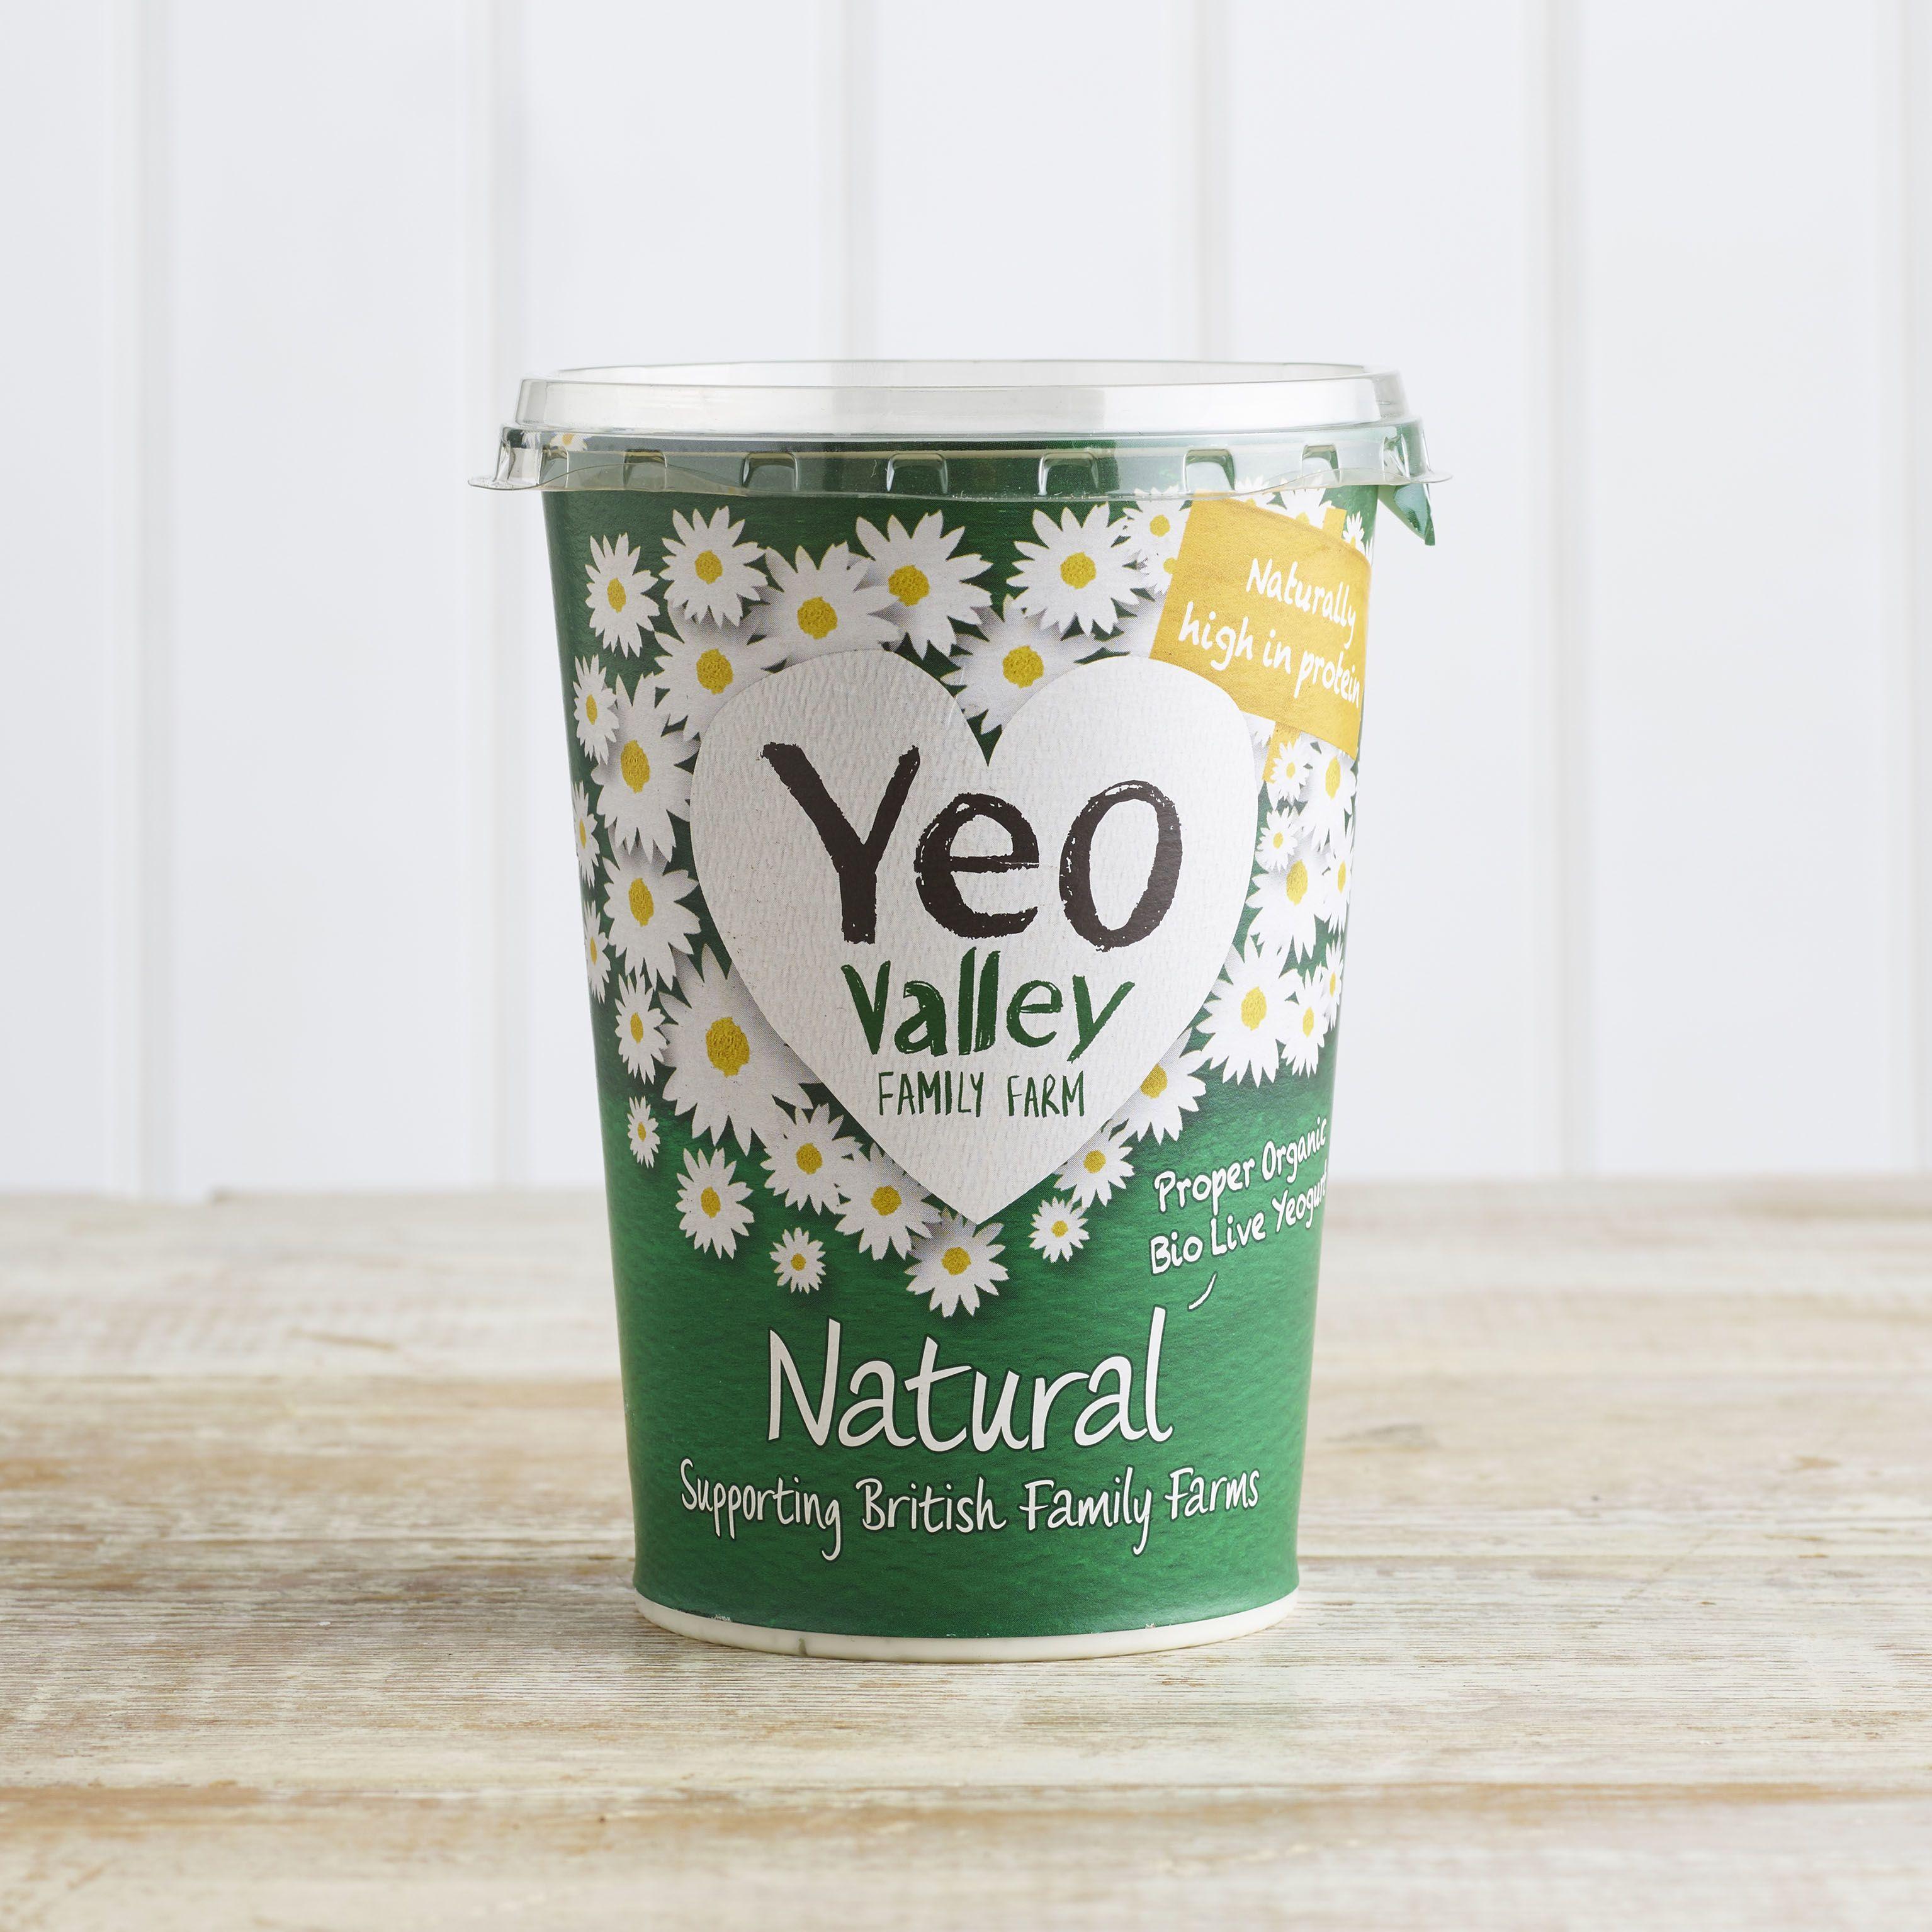 Yeo Valley Organic Natural Yoghurt, 500g